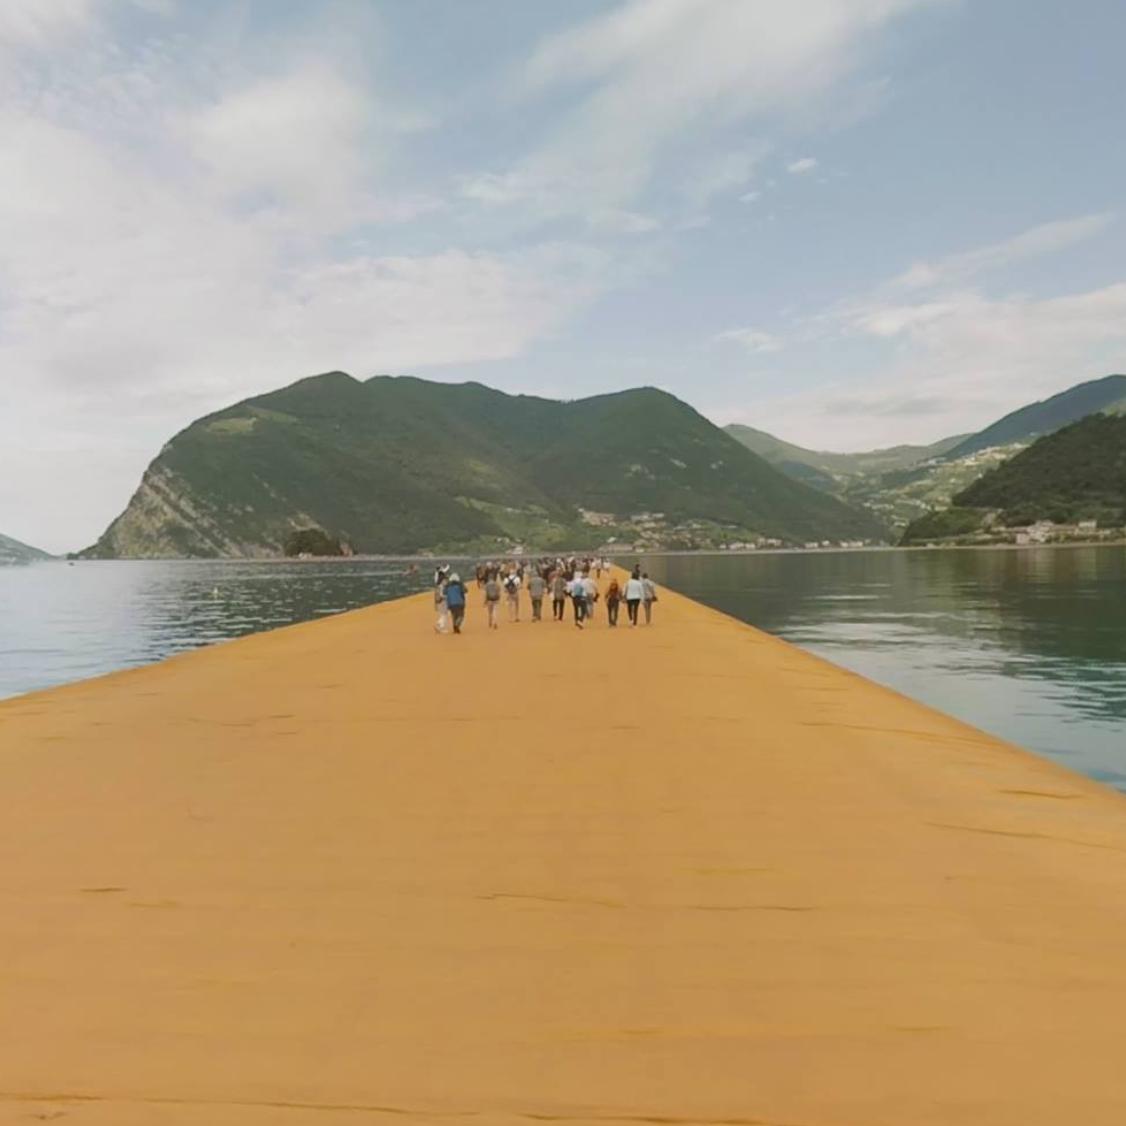 Christo, The Floating Piers: come arrivare e accedere all'opera